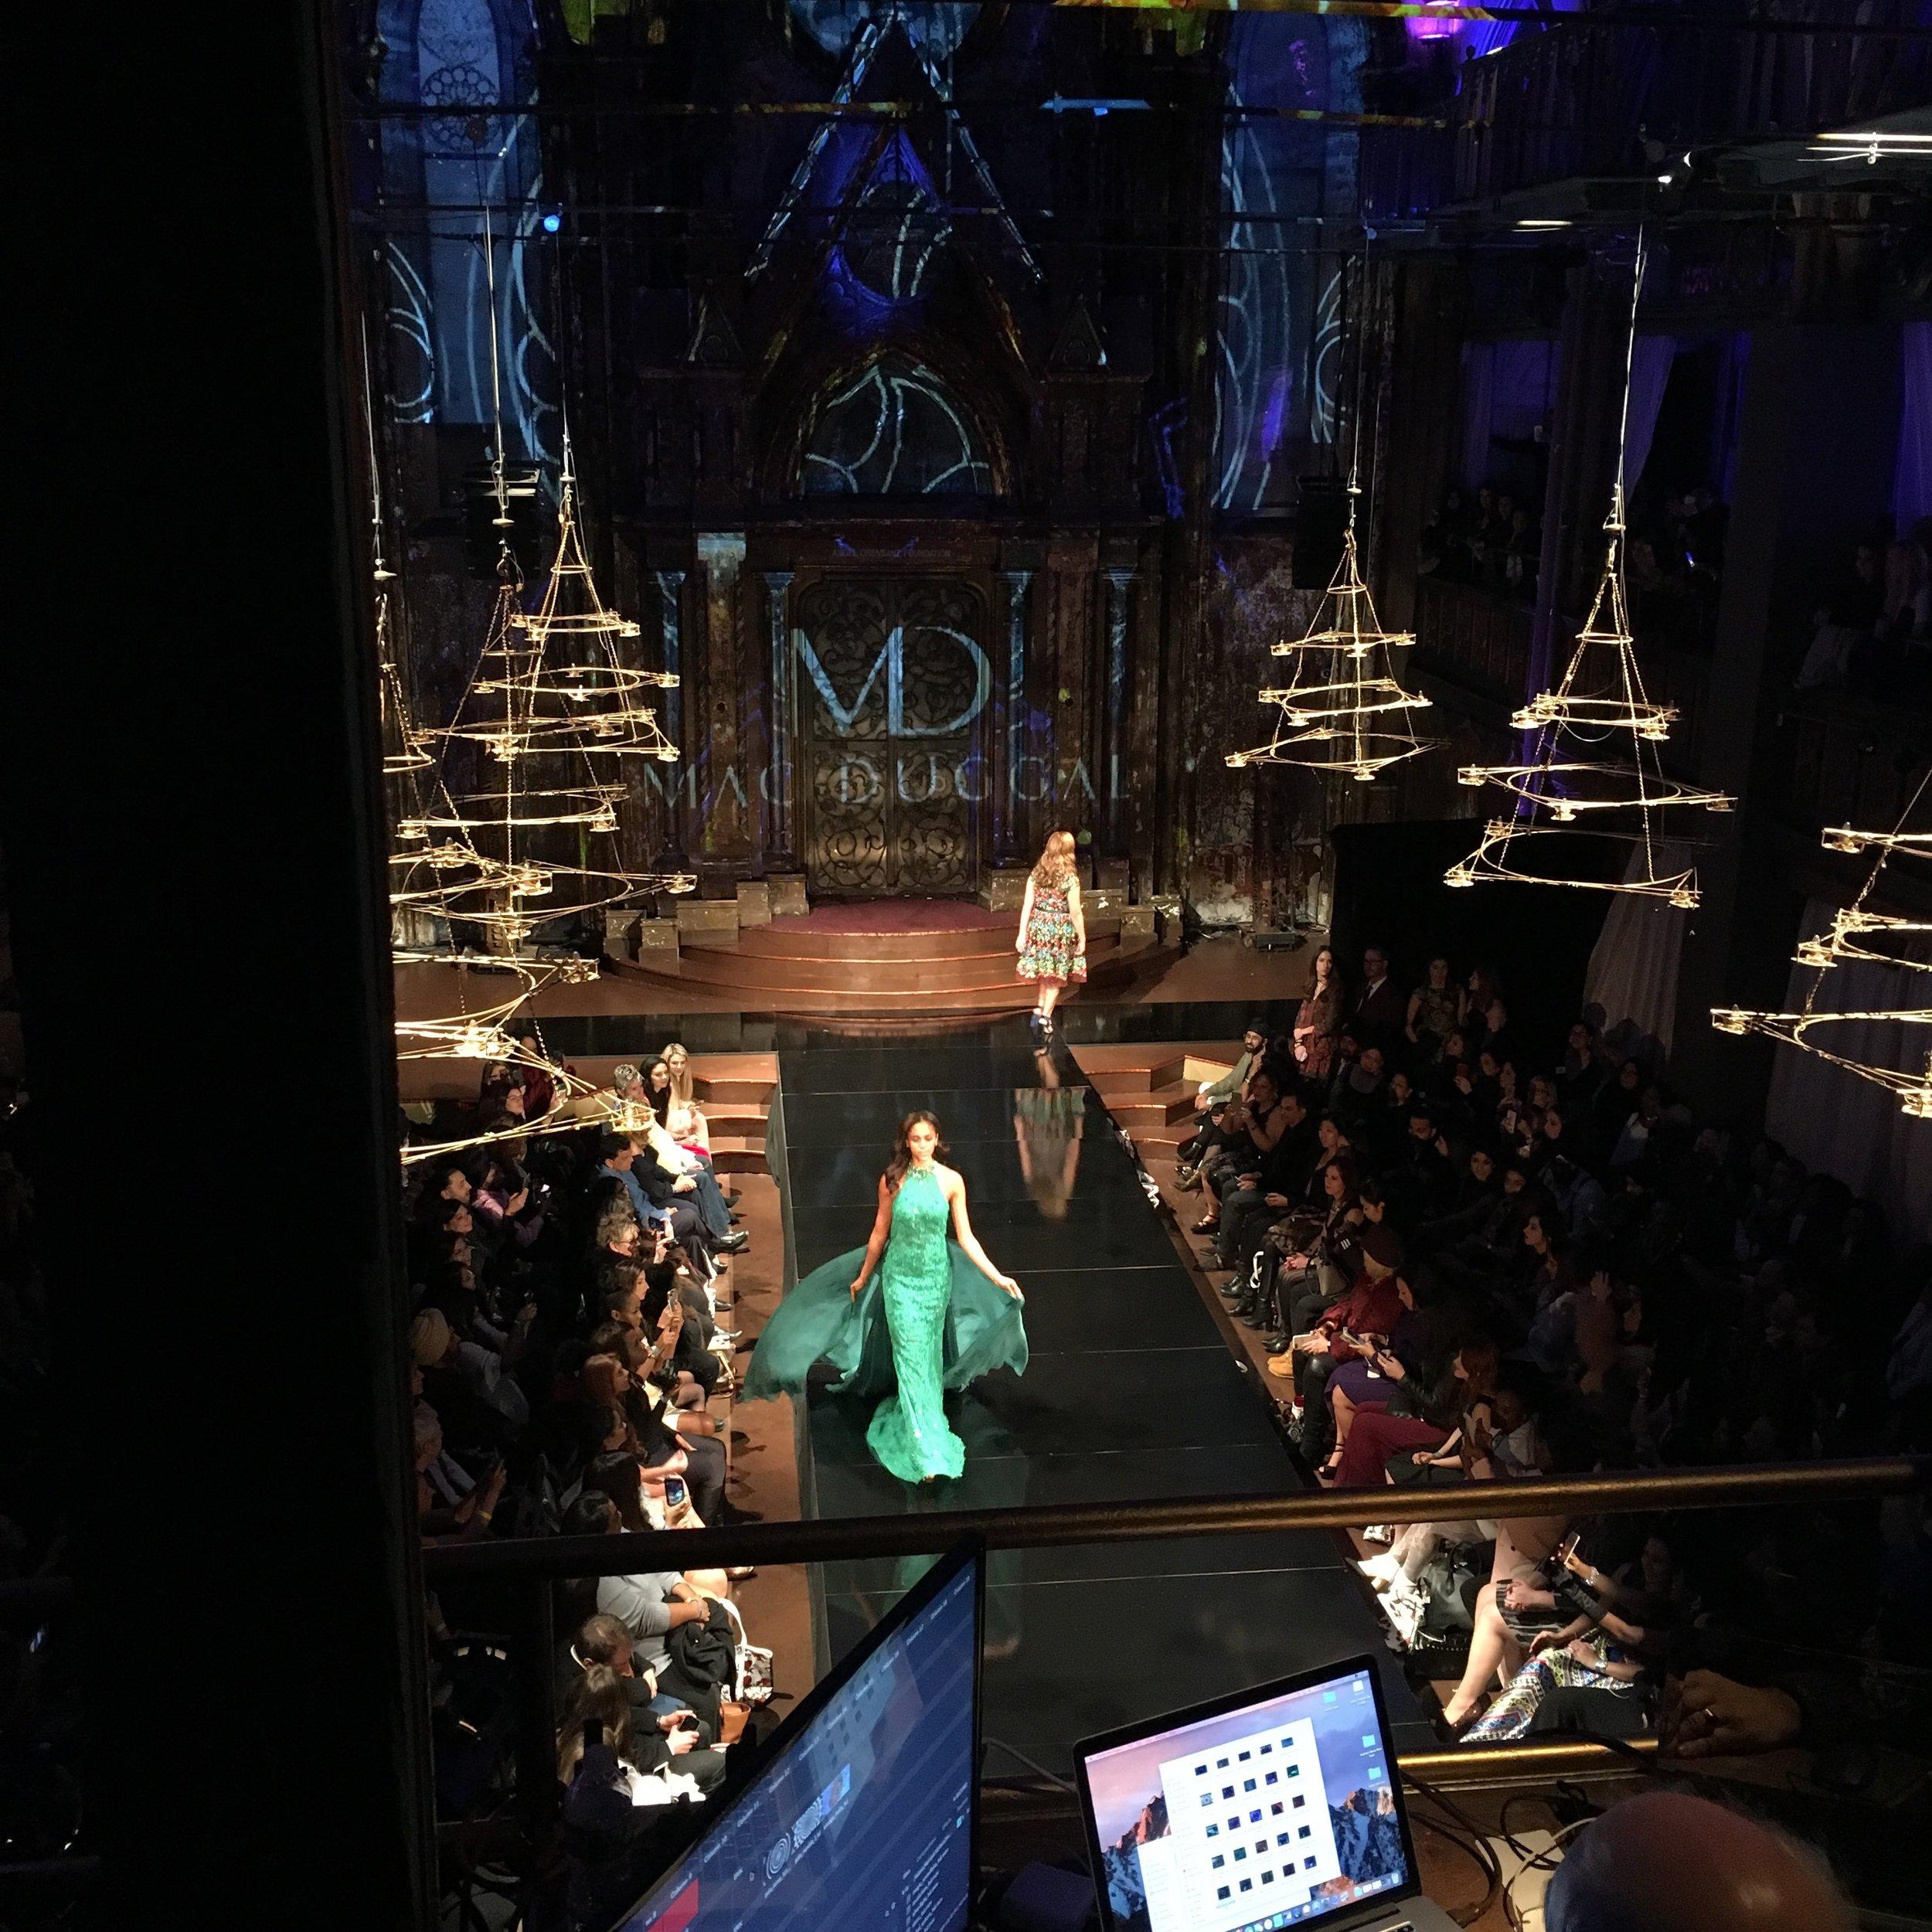 Mac Duggal runway at Art Hearts Fashion